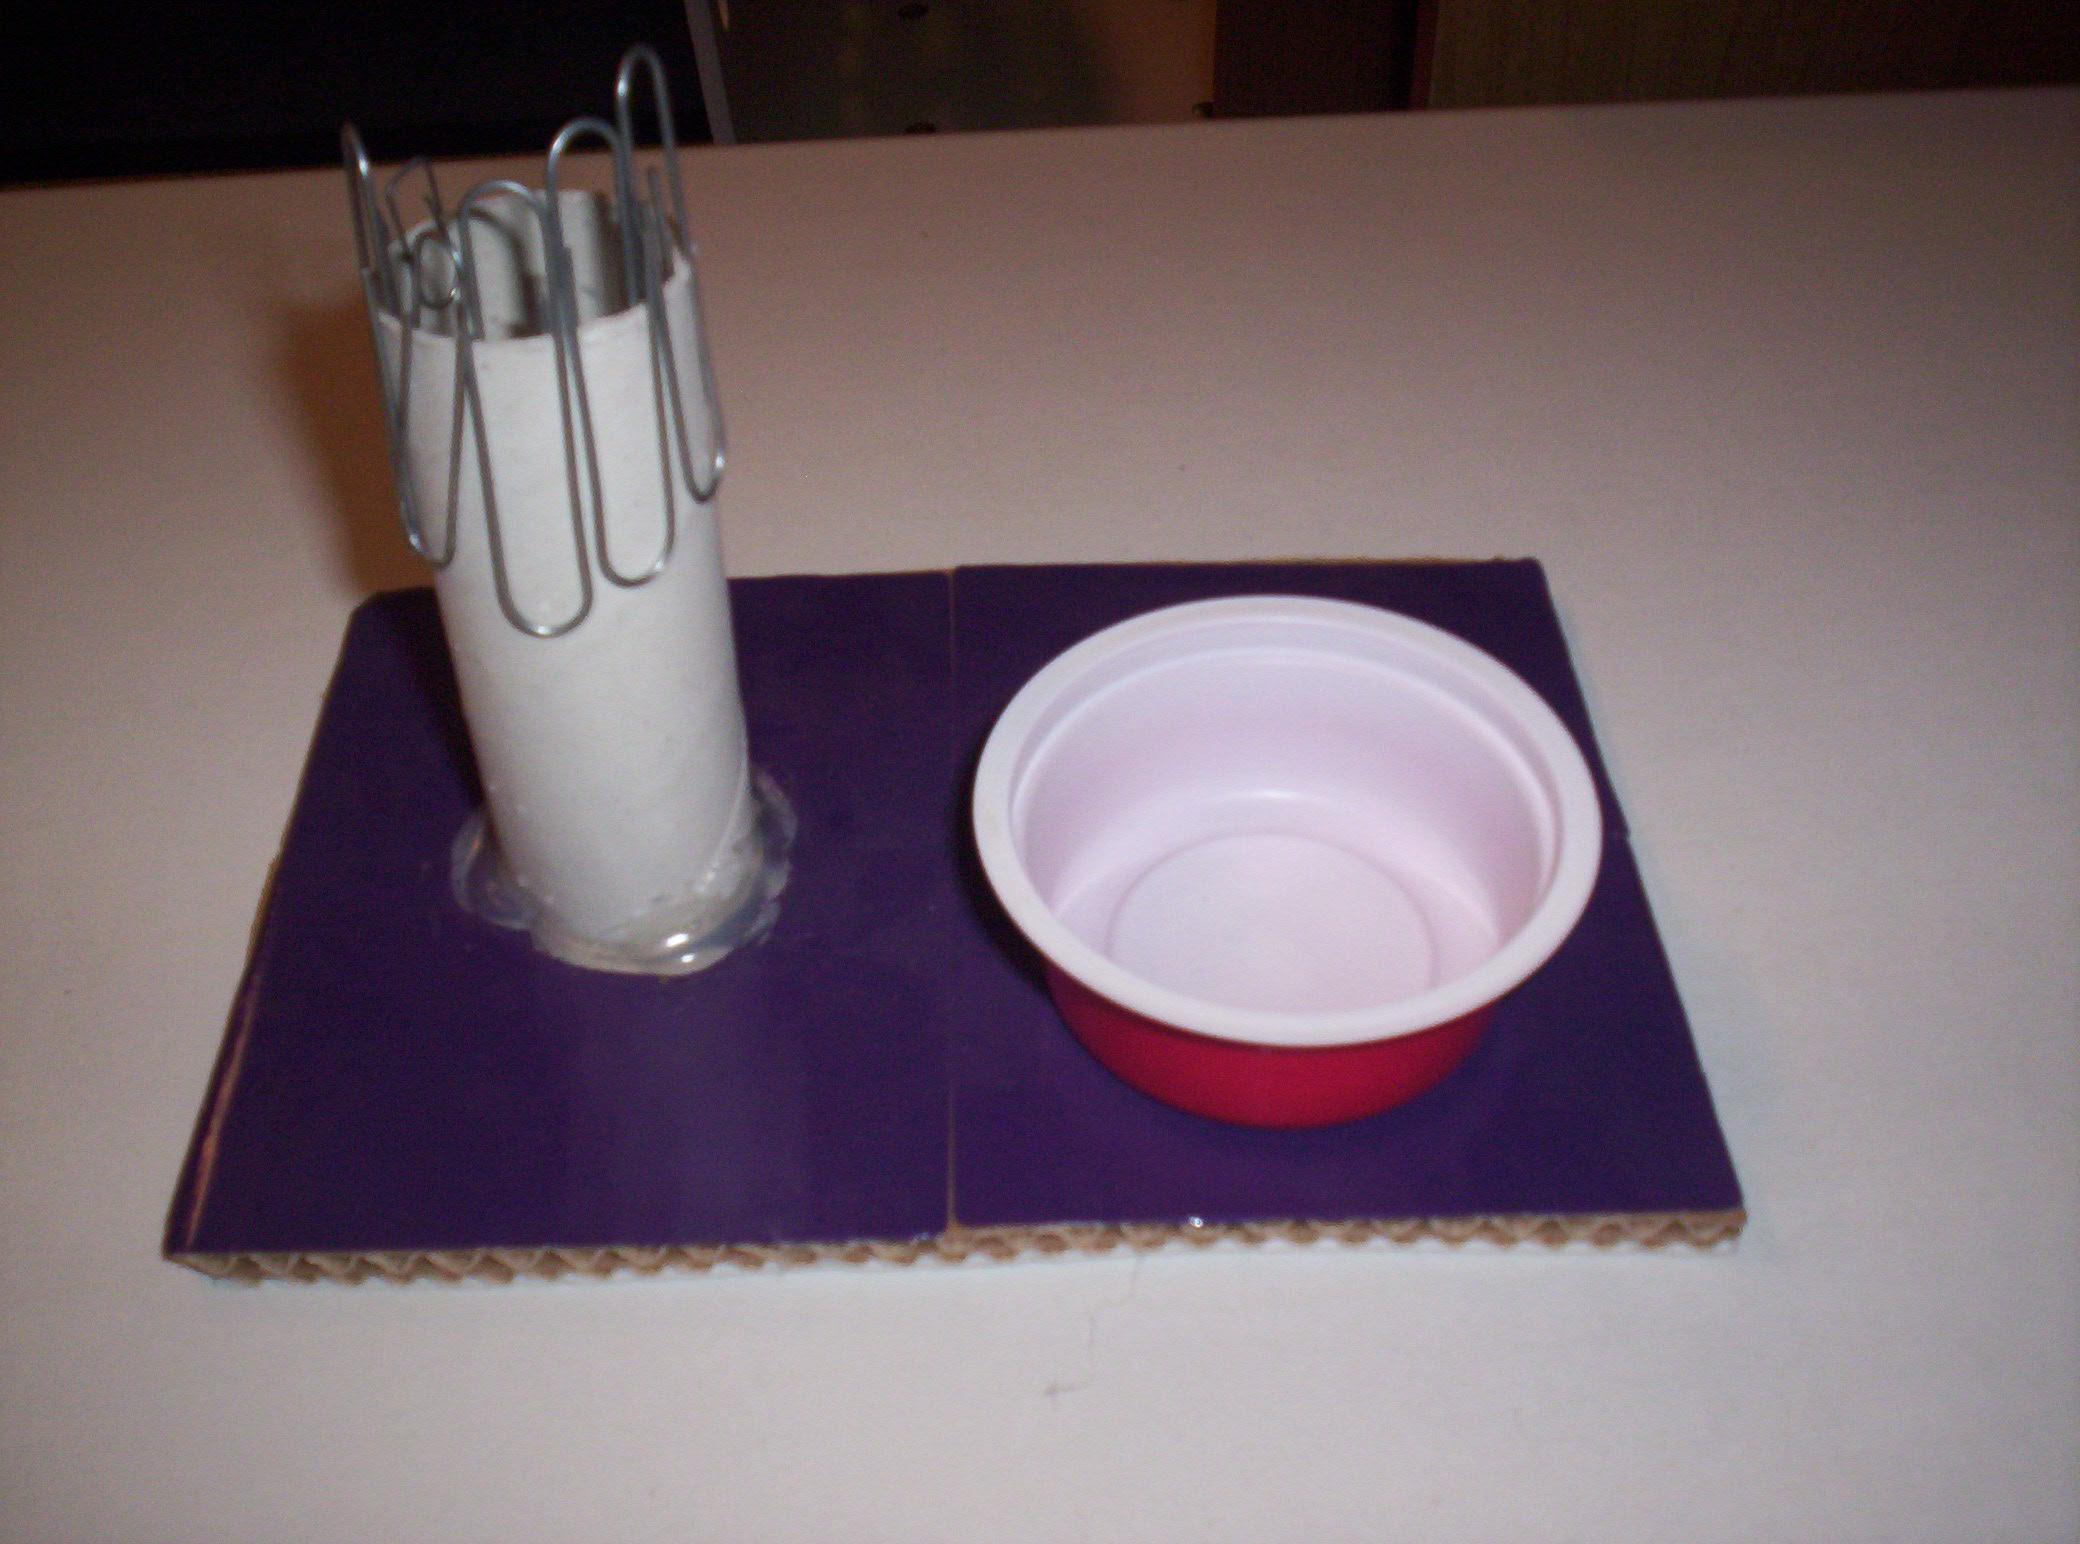 Su un pezzo di cartone sono incollati a sinistra un cilindro di cartone con infilate alcune graffette e a destra un piccolo contenitore in plastica rossa.